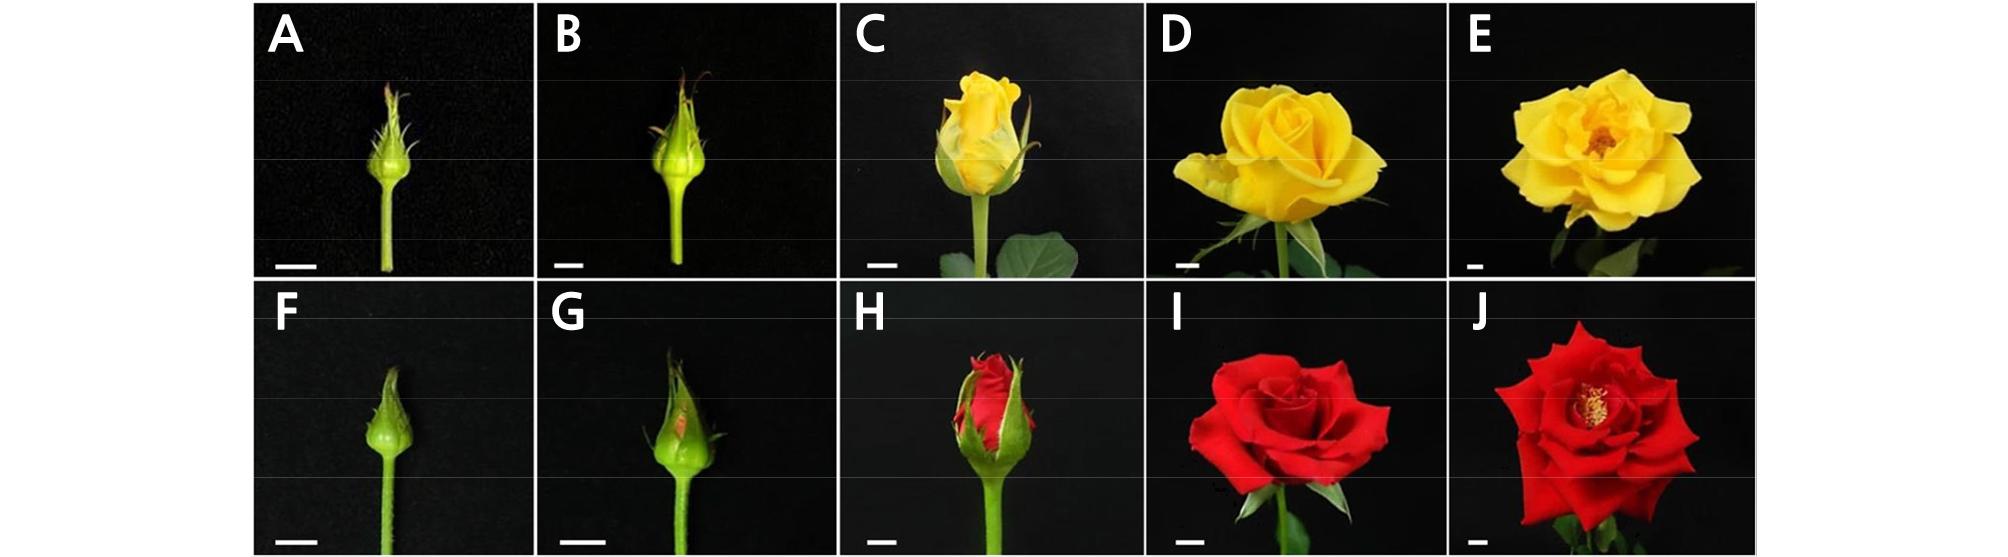 http://static.apub.kr/journalsite/sites/kshs/2020-038-05/N0130380503/images/HST_38_05_03_F1.jpg